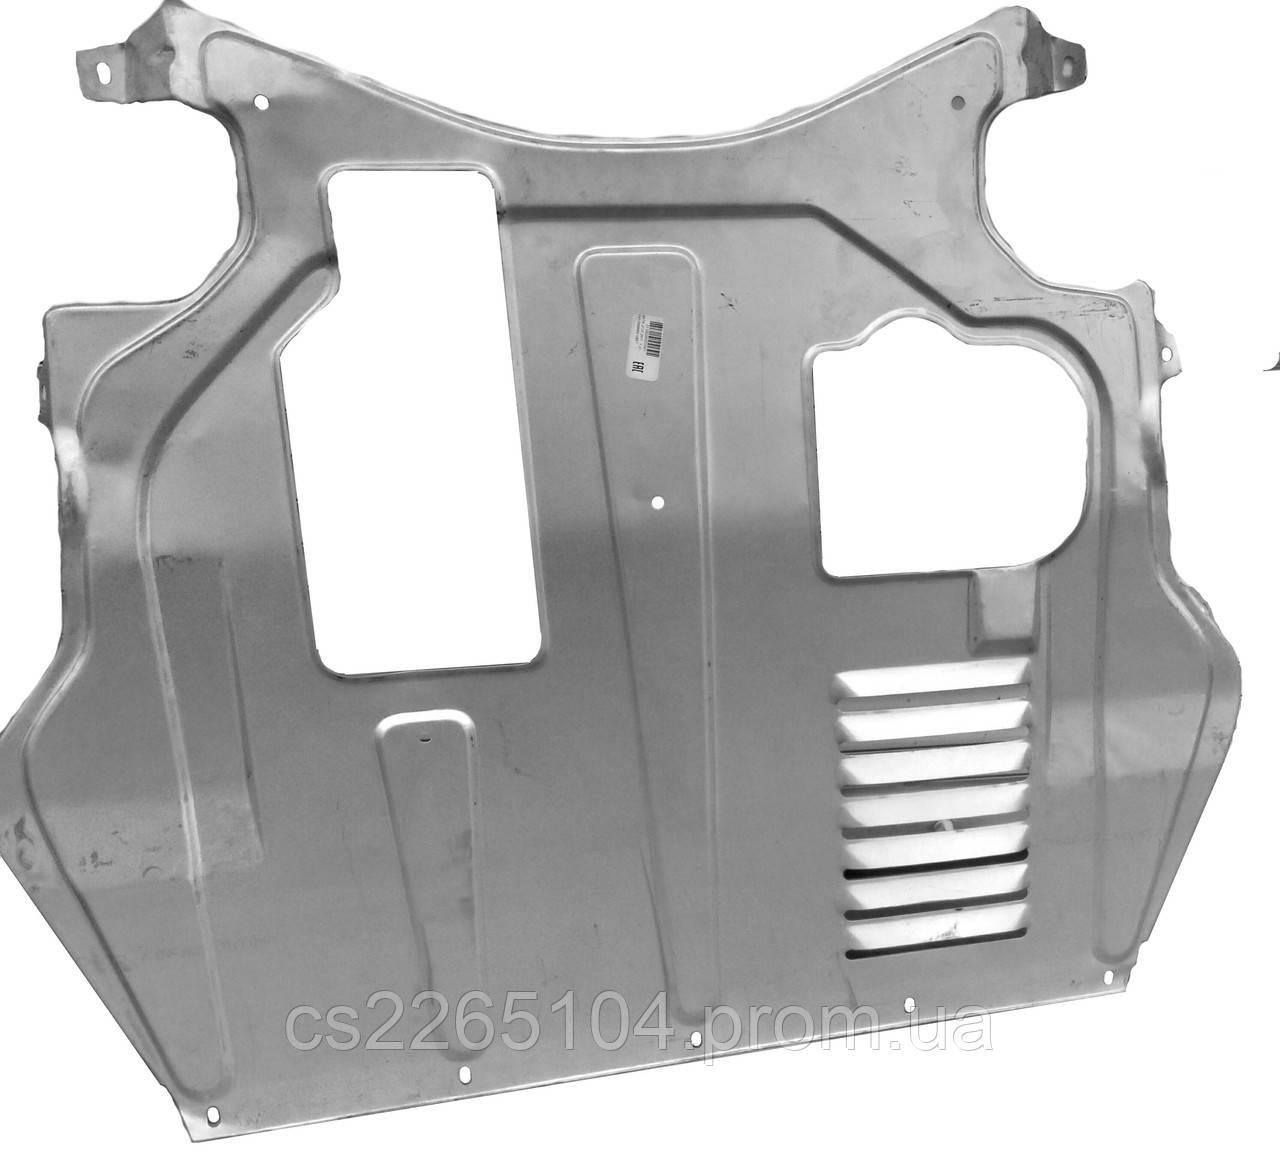 Бризговики двигуна ВАЗ 2110 АвтоВАЗ